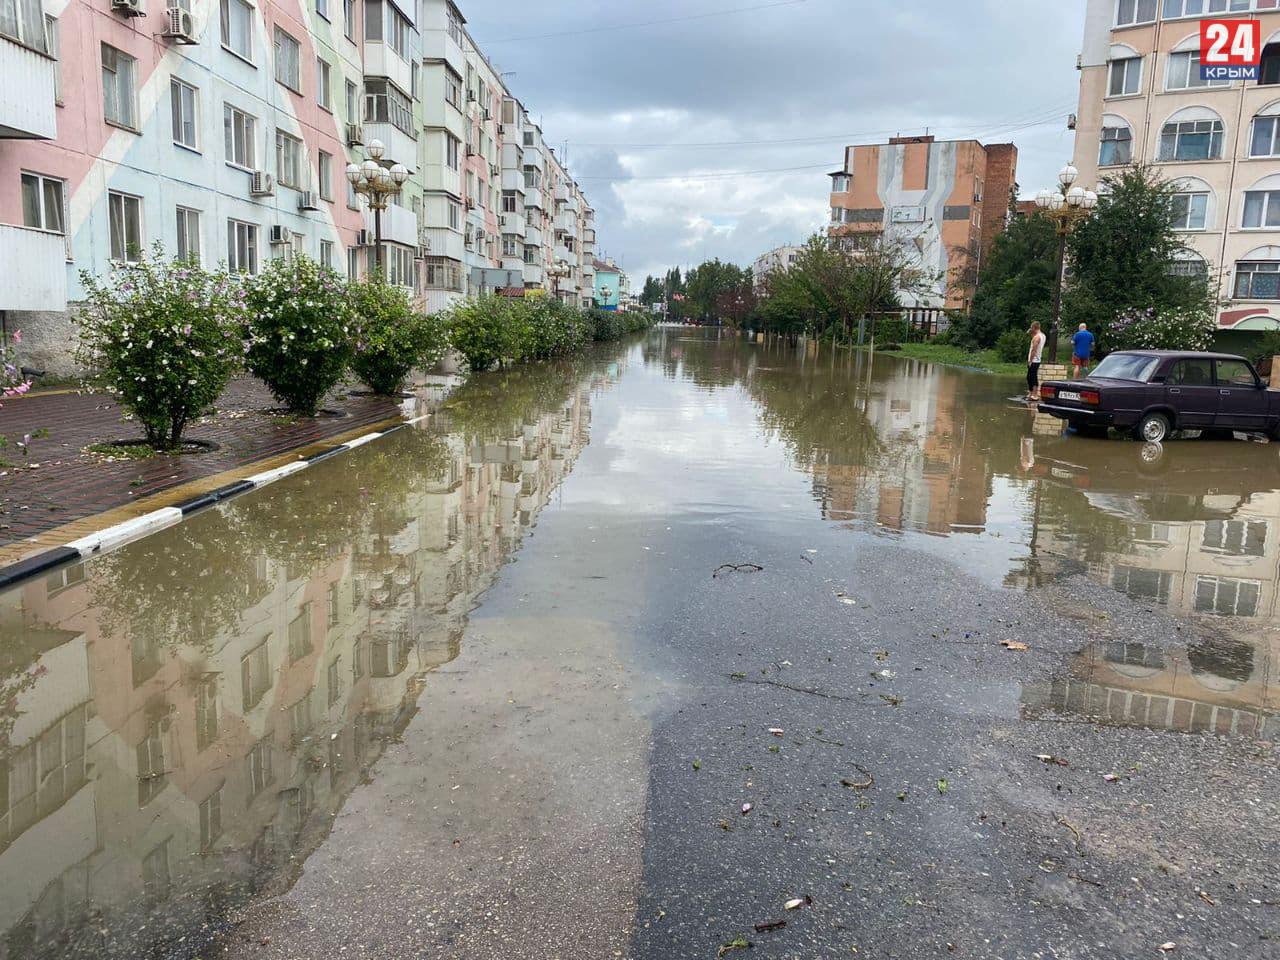 Особо пострадавшим от потопа крымчанам выплатят компенсации, которых хватит на покупку нового жилья